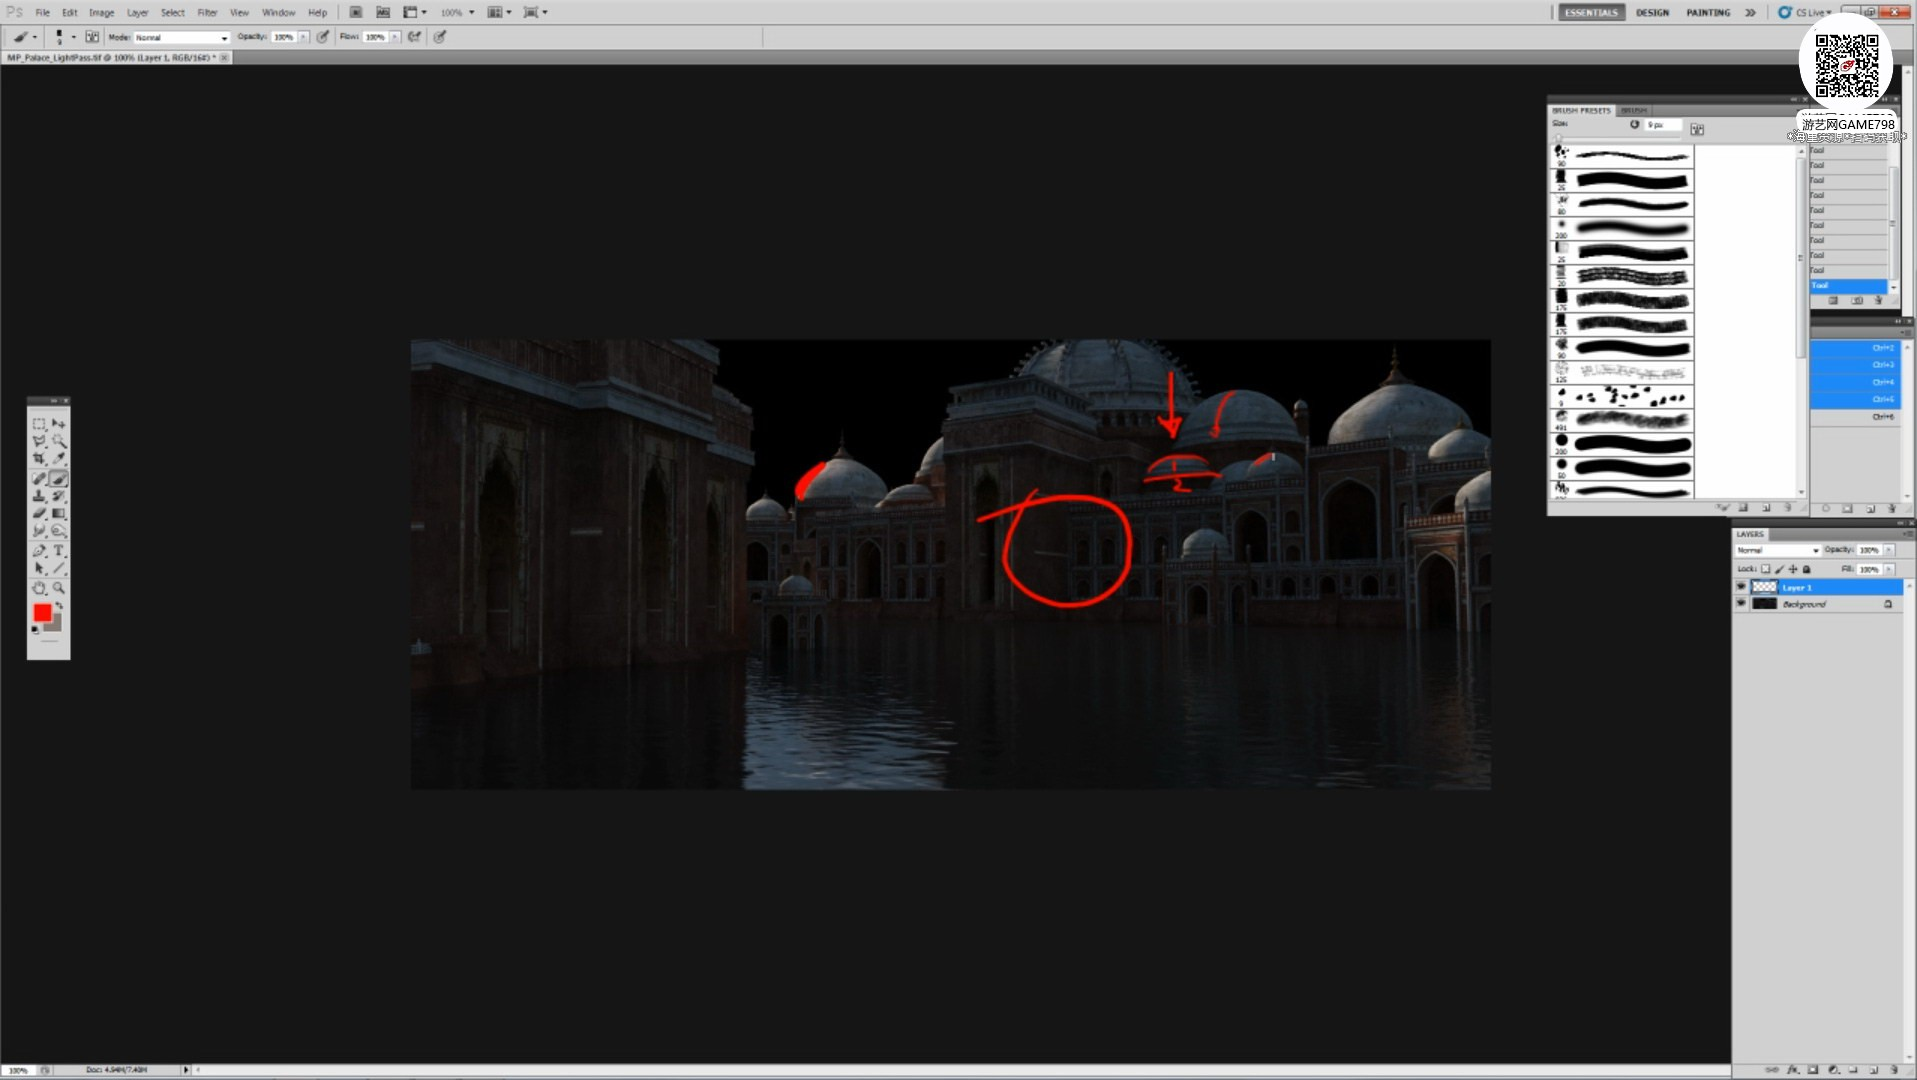 015_关注-游艺网GAME798海量资源下载【视频教程】超写实场景设定制作流程.jpg